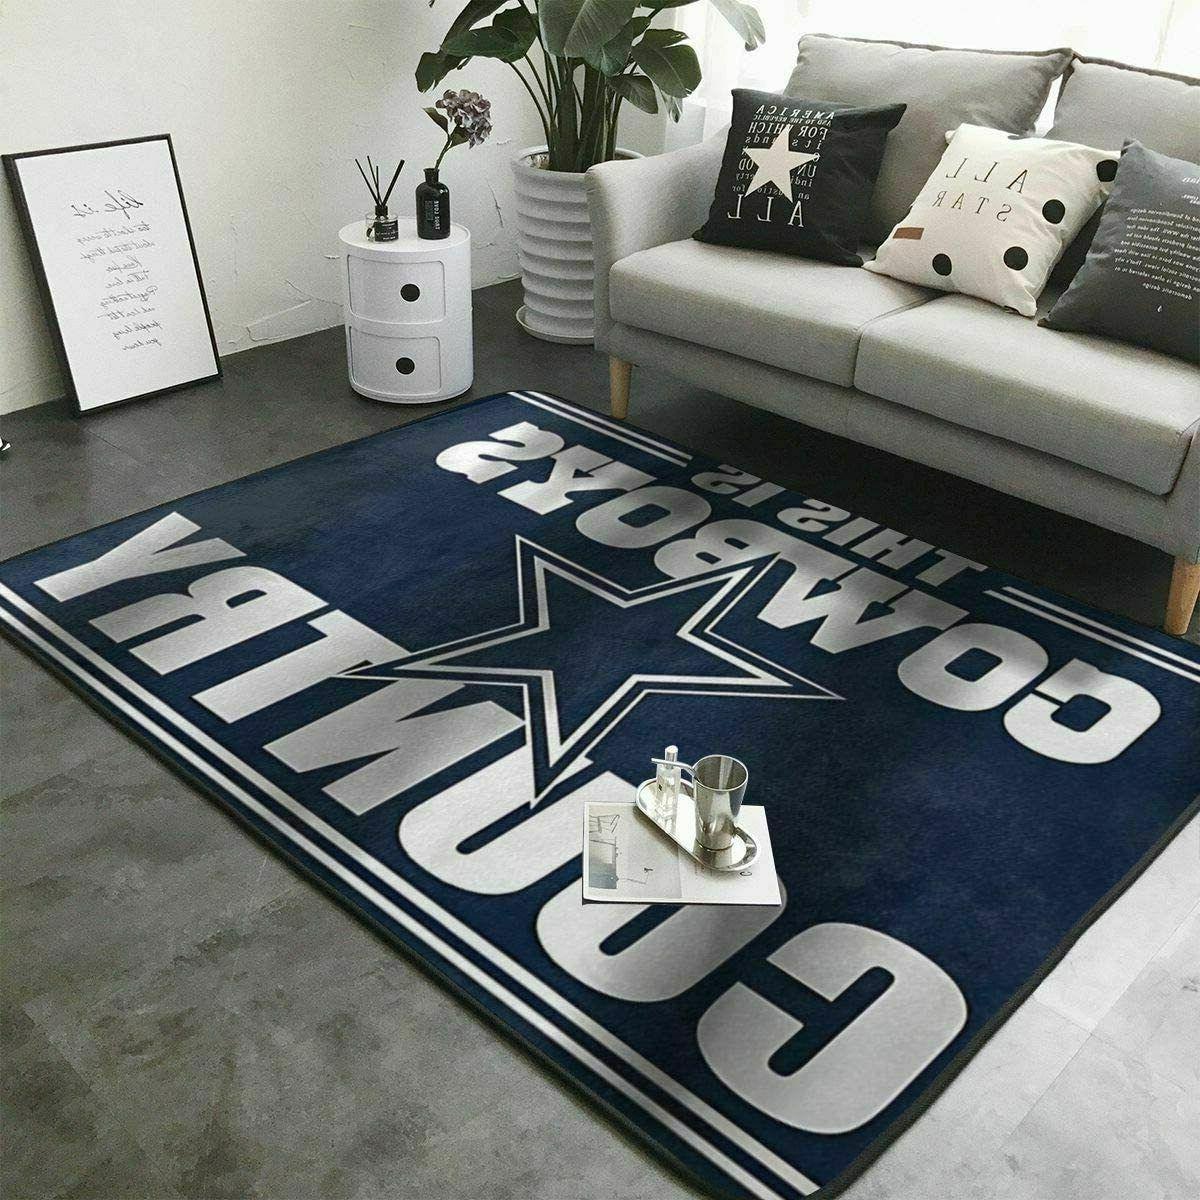 dallas cowboys rugs anti skid living room